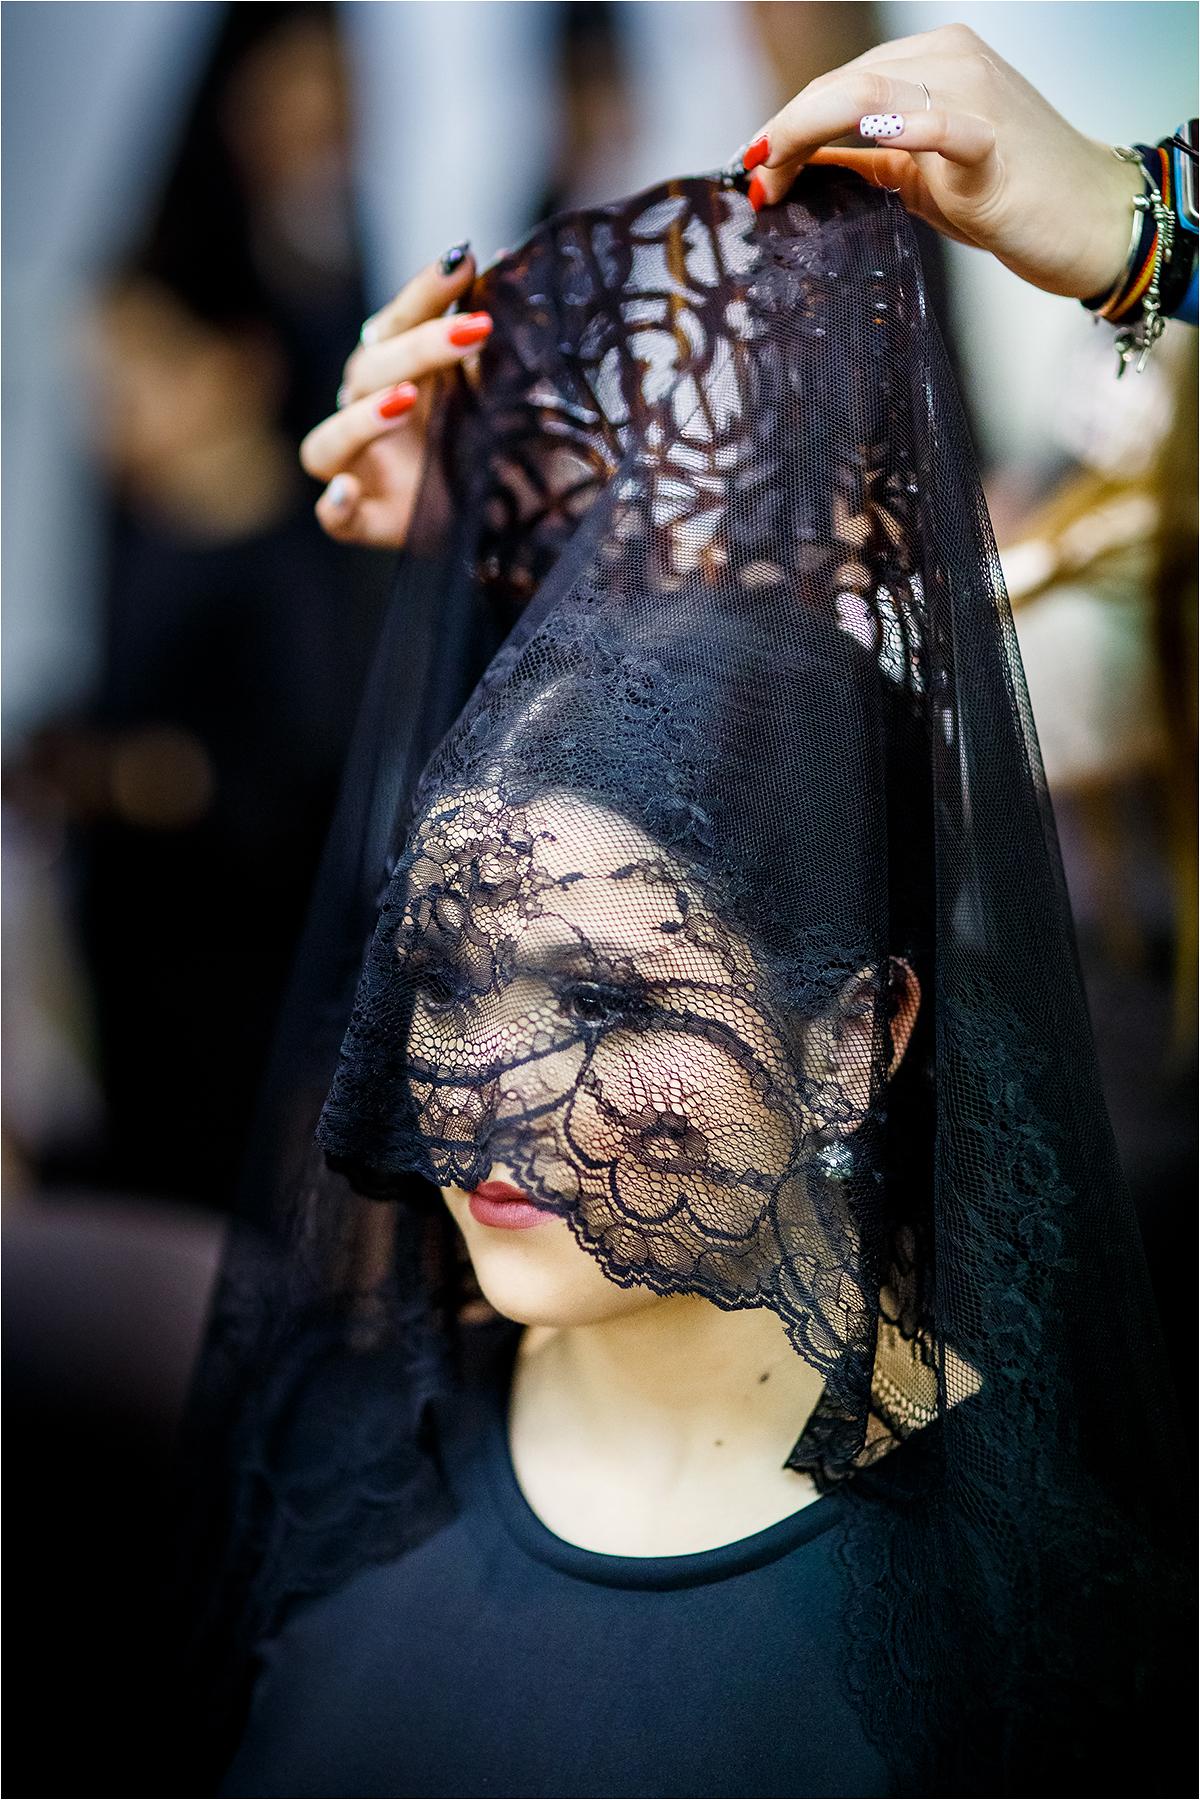 Moteriai įsegama gedulo mantilija.